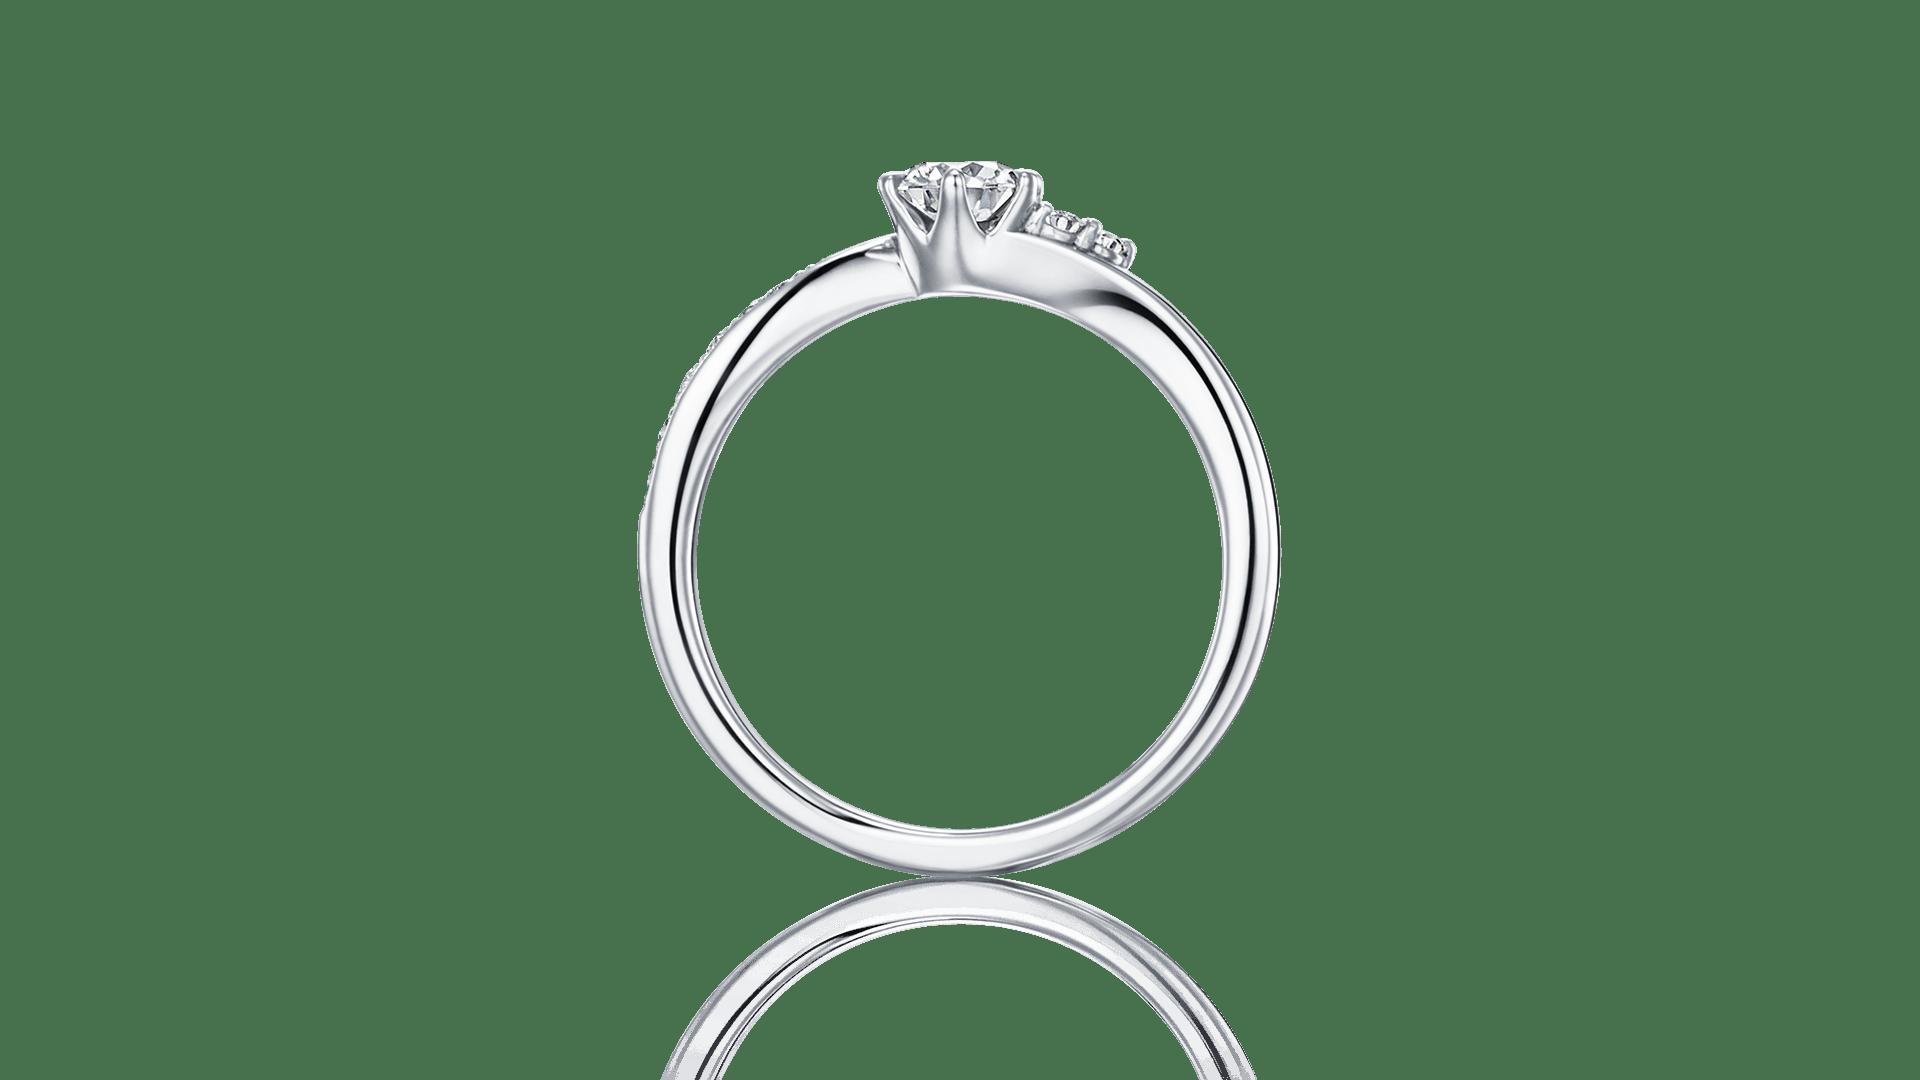 andromeda アンドロメダ | 婚約指輪サムネイル 2